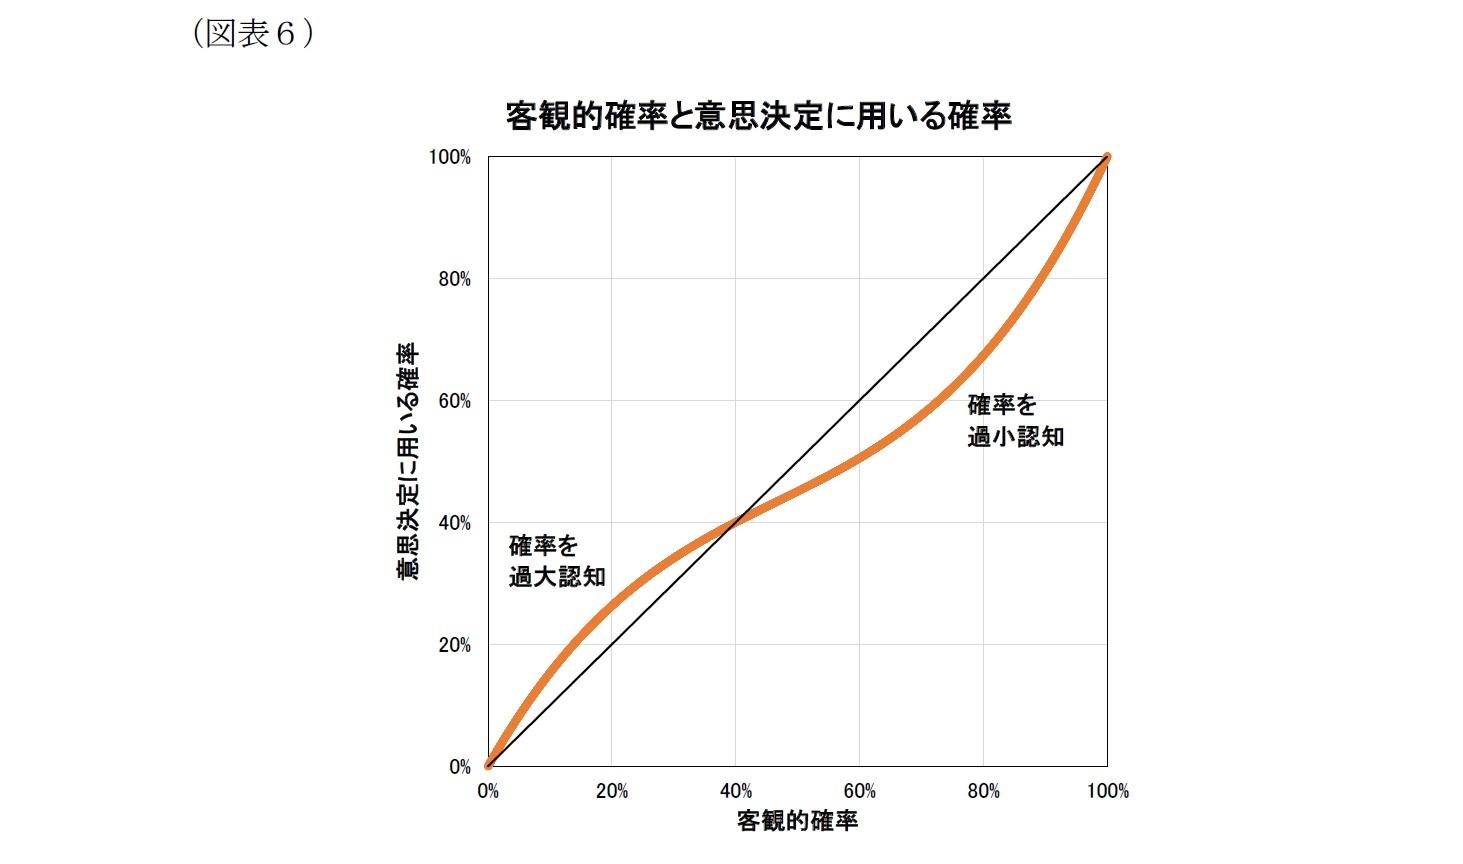 (図表6)客観的確率と意思決定に用いる確率